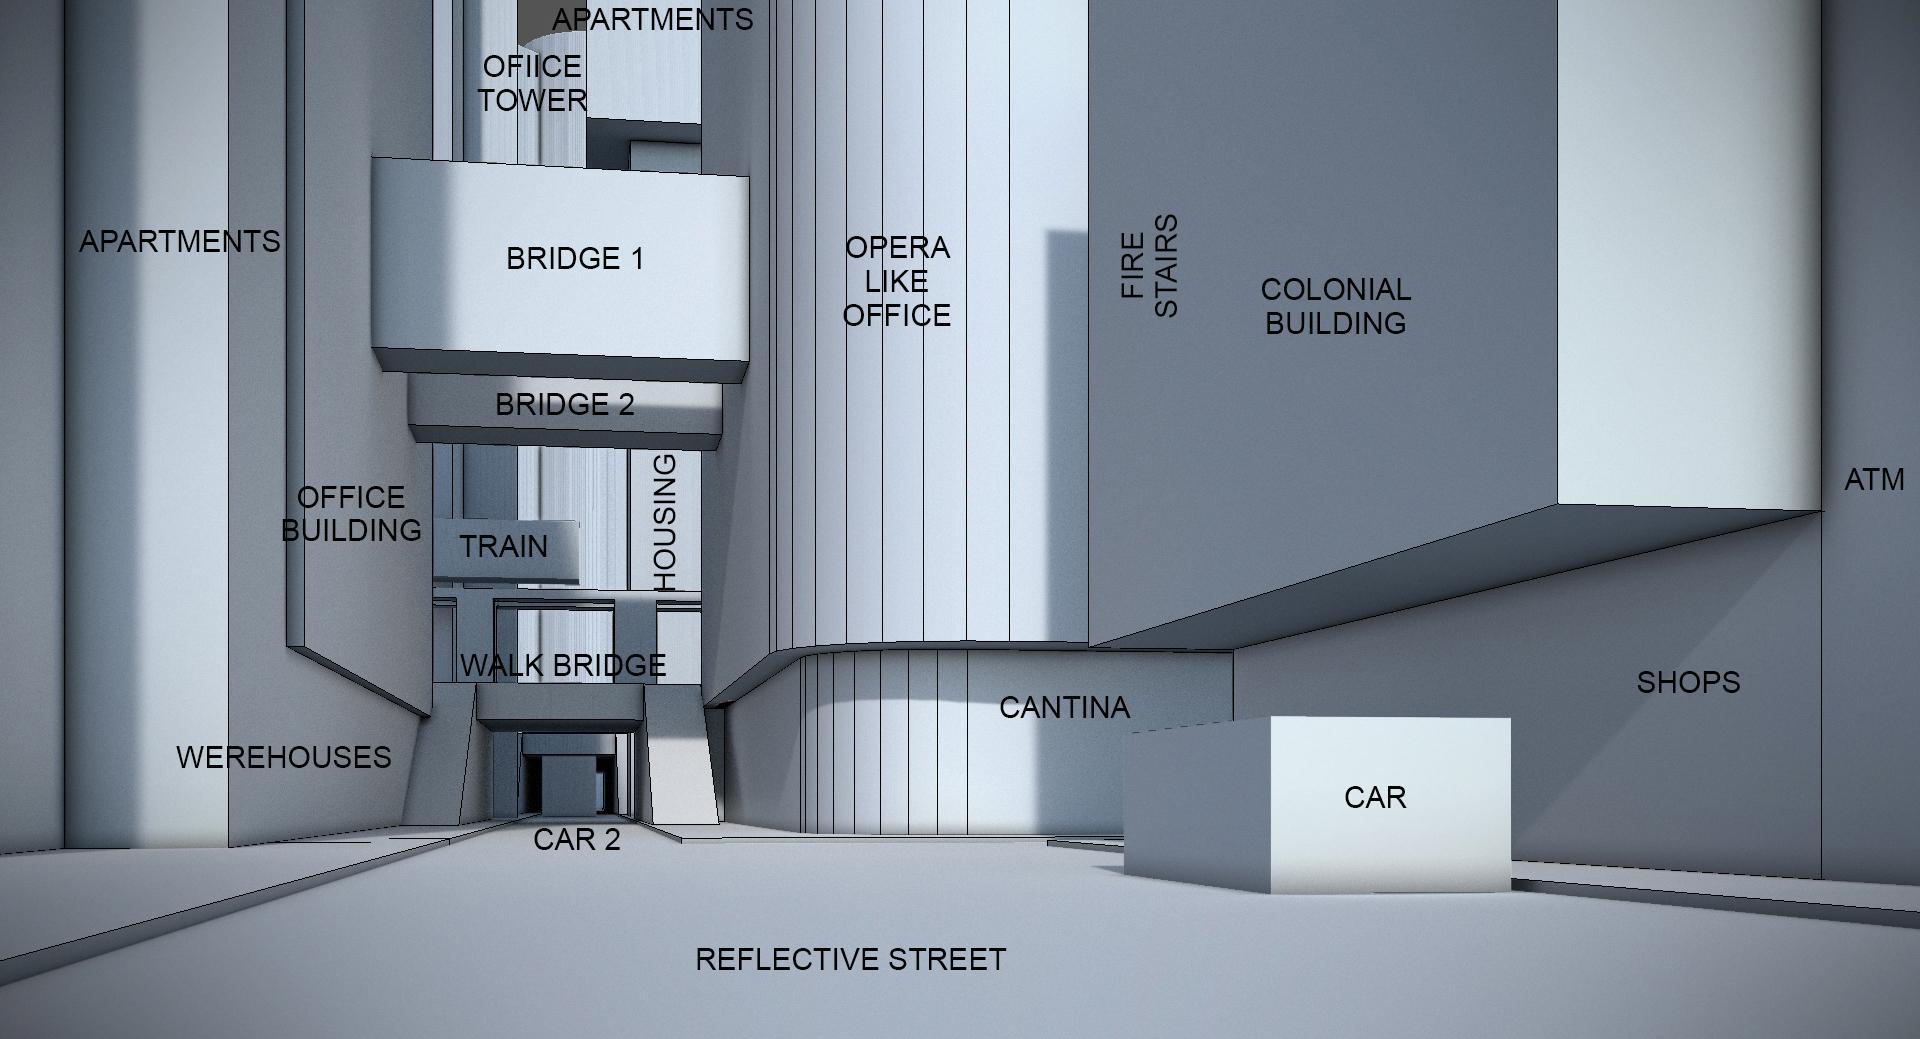 basic plan of scene